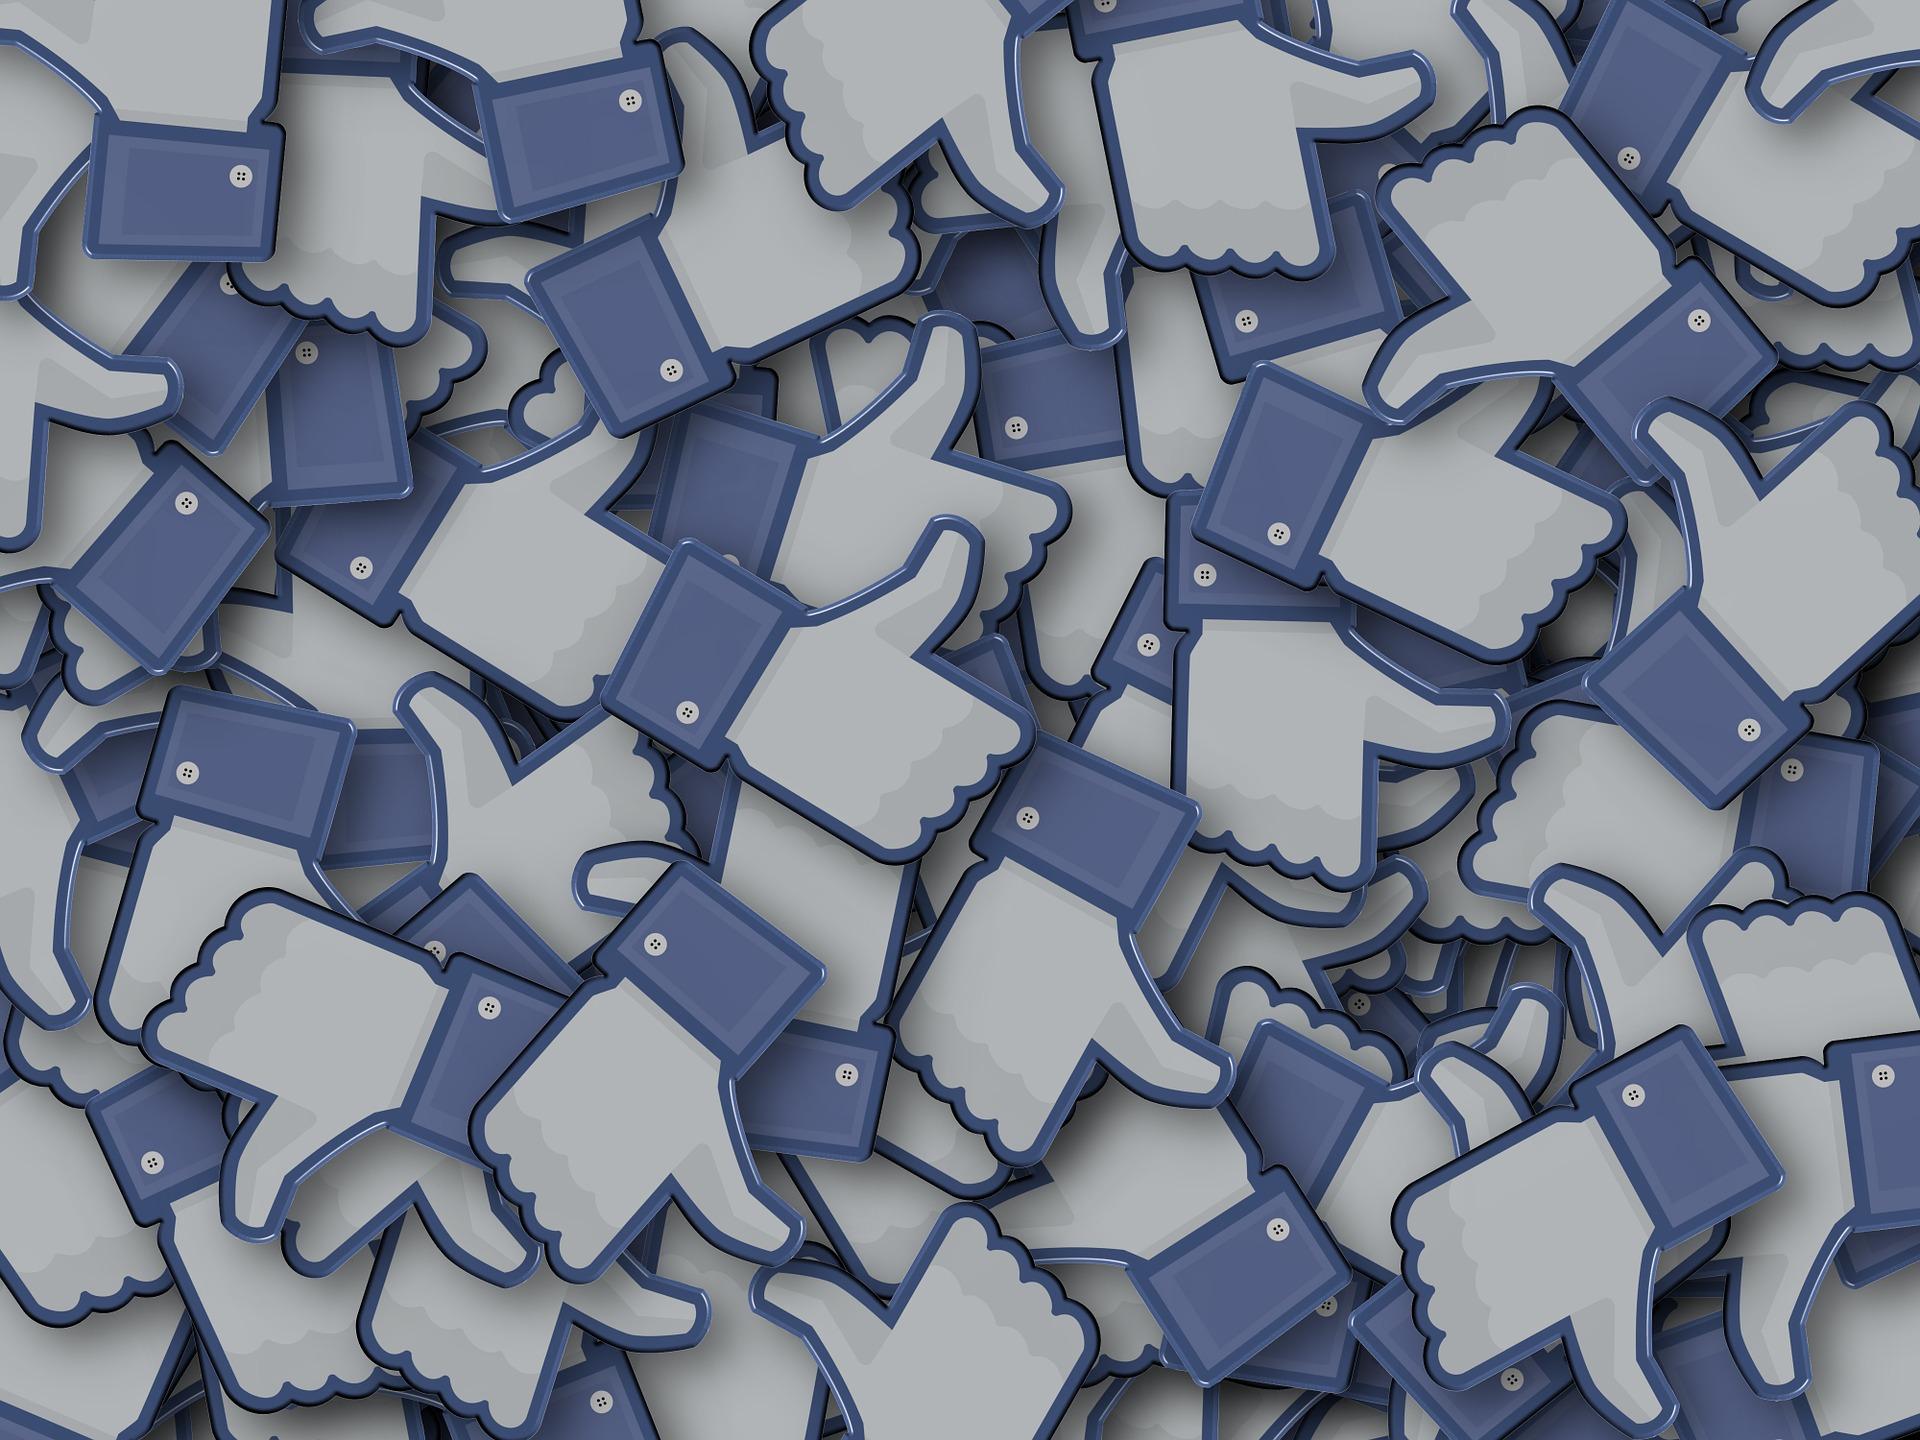 部分臉書用戶最近遇到莫名其妙被登出的問題,而且無法重新登入